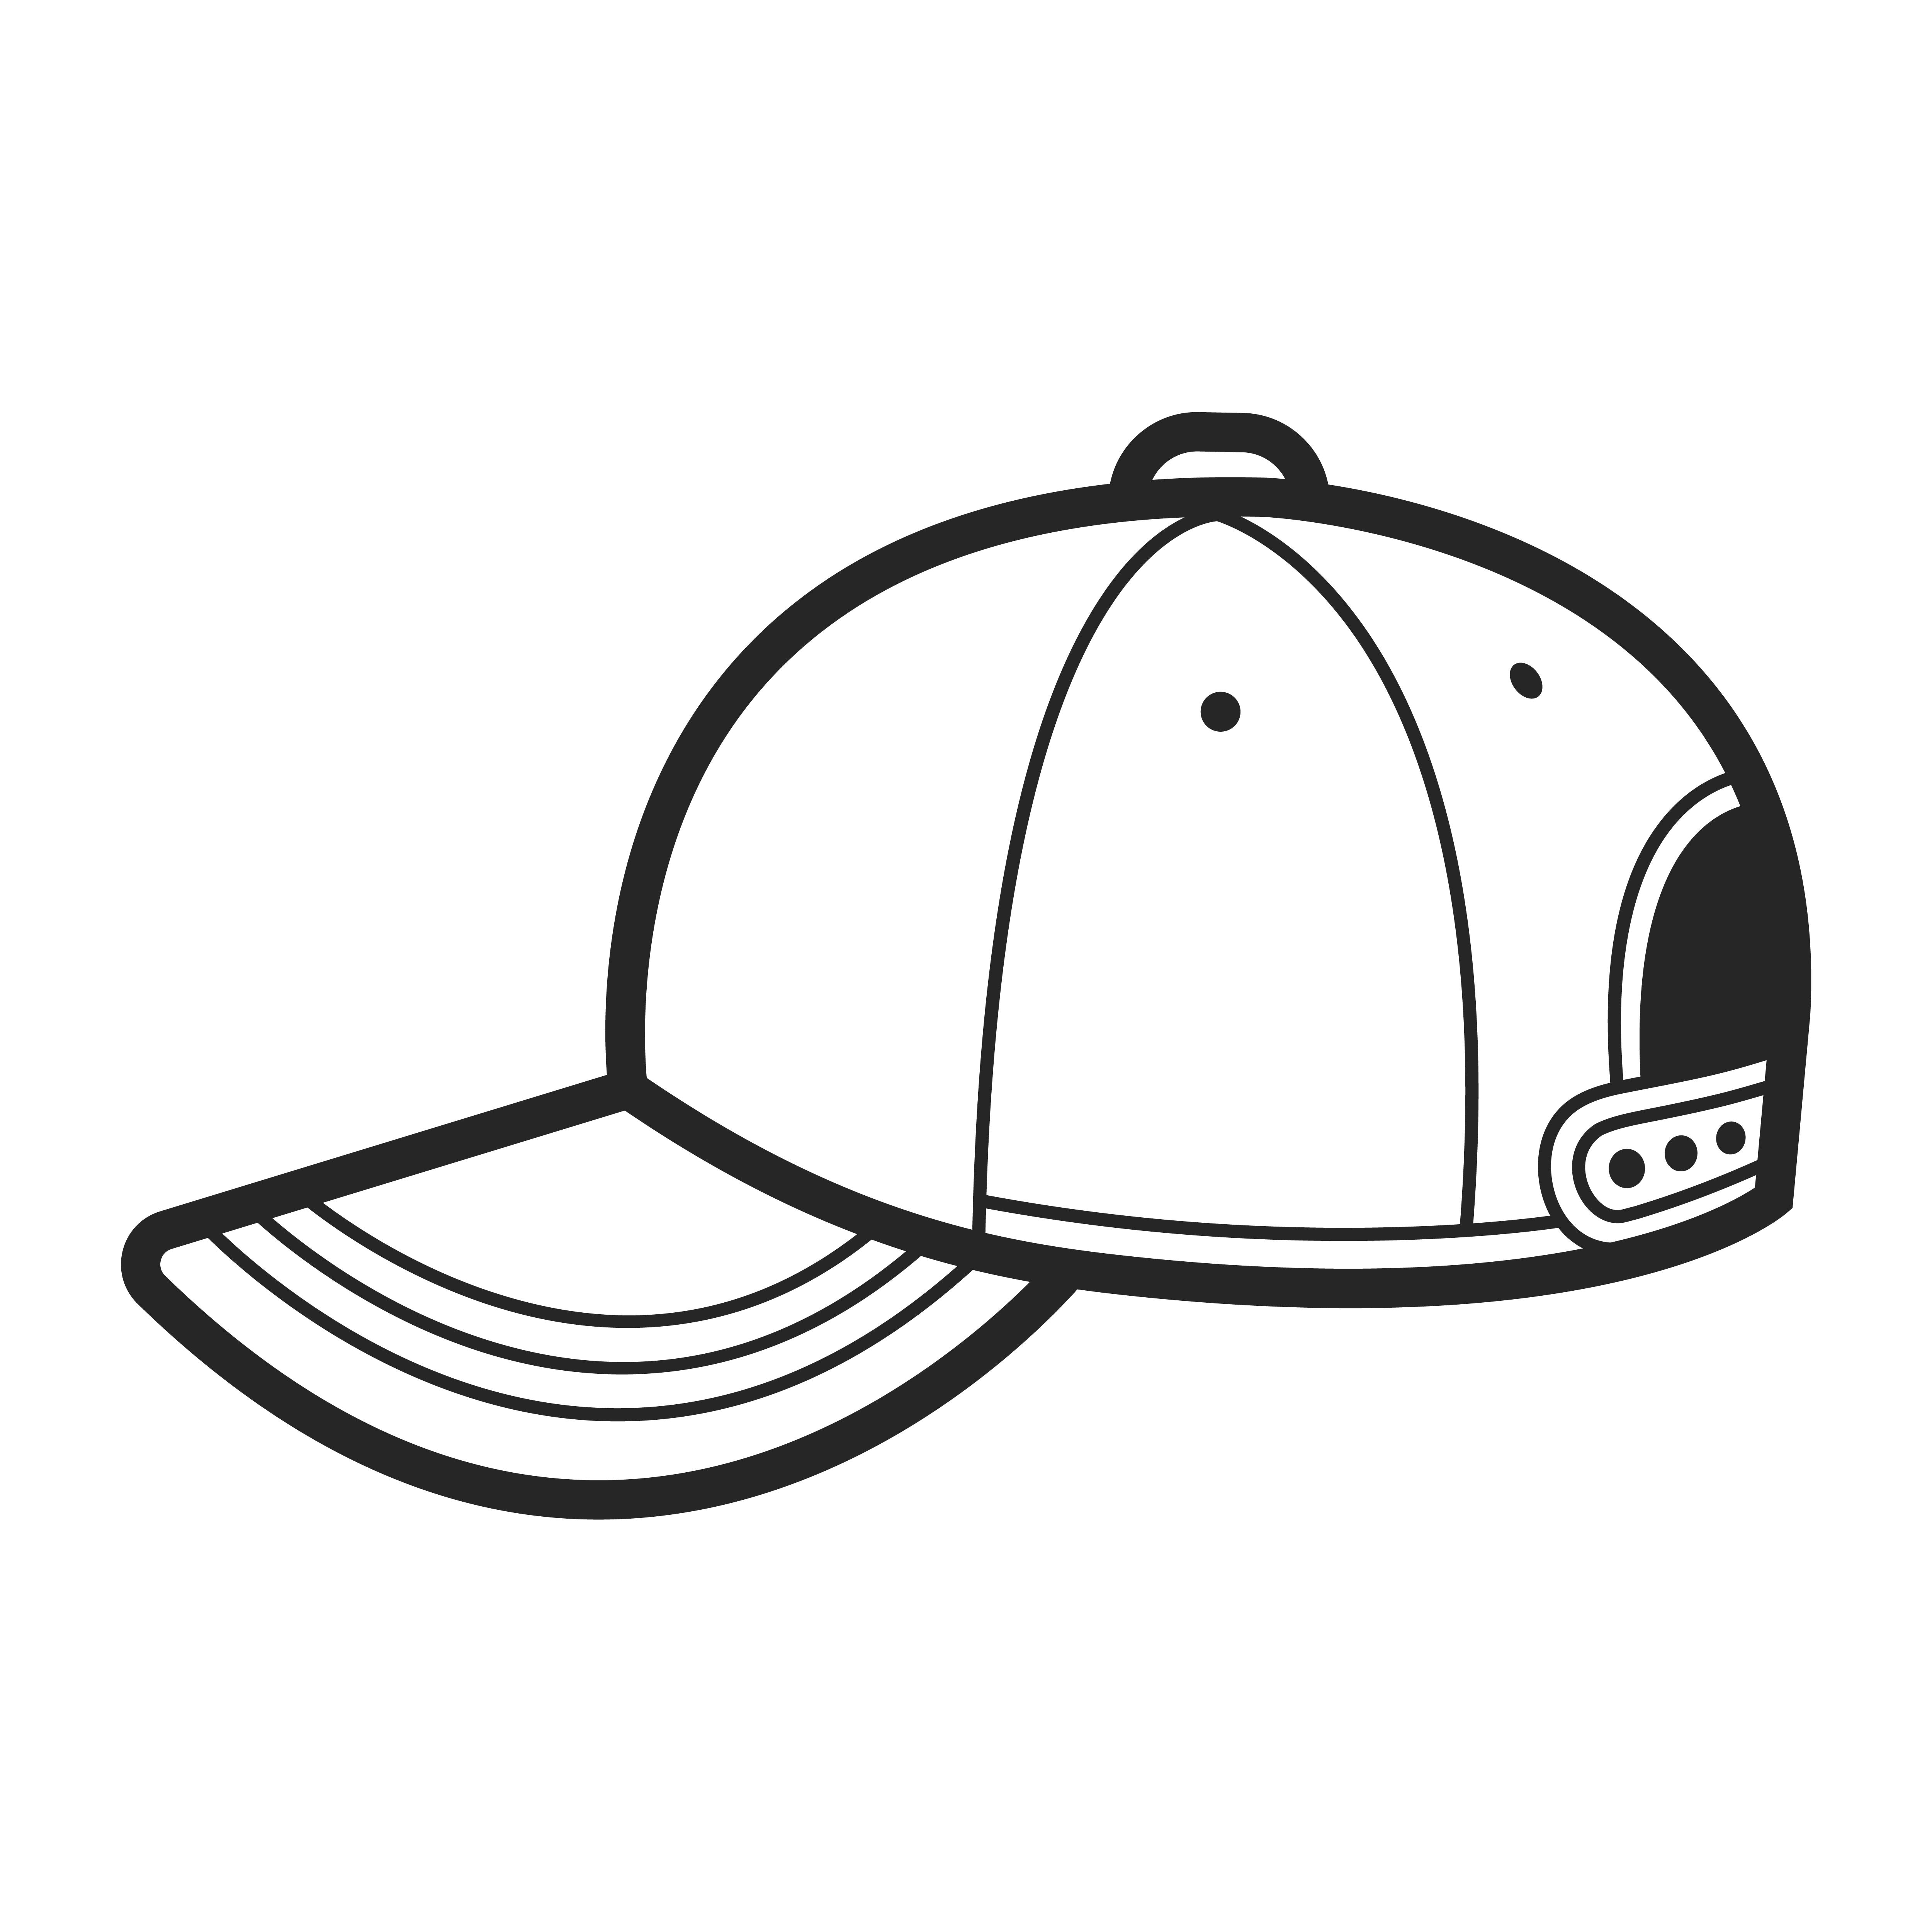 ZHANGCHI Baseball Kappe Art Und Weise Beschriftet Baseball-Kappe Fr/ühling Und Sommer Atmungsaktive Mesh-Hut Mode Im Freien Wilden L/ässig Hut Hip-Hop-H/üte